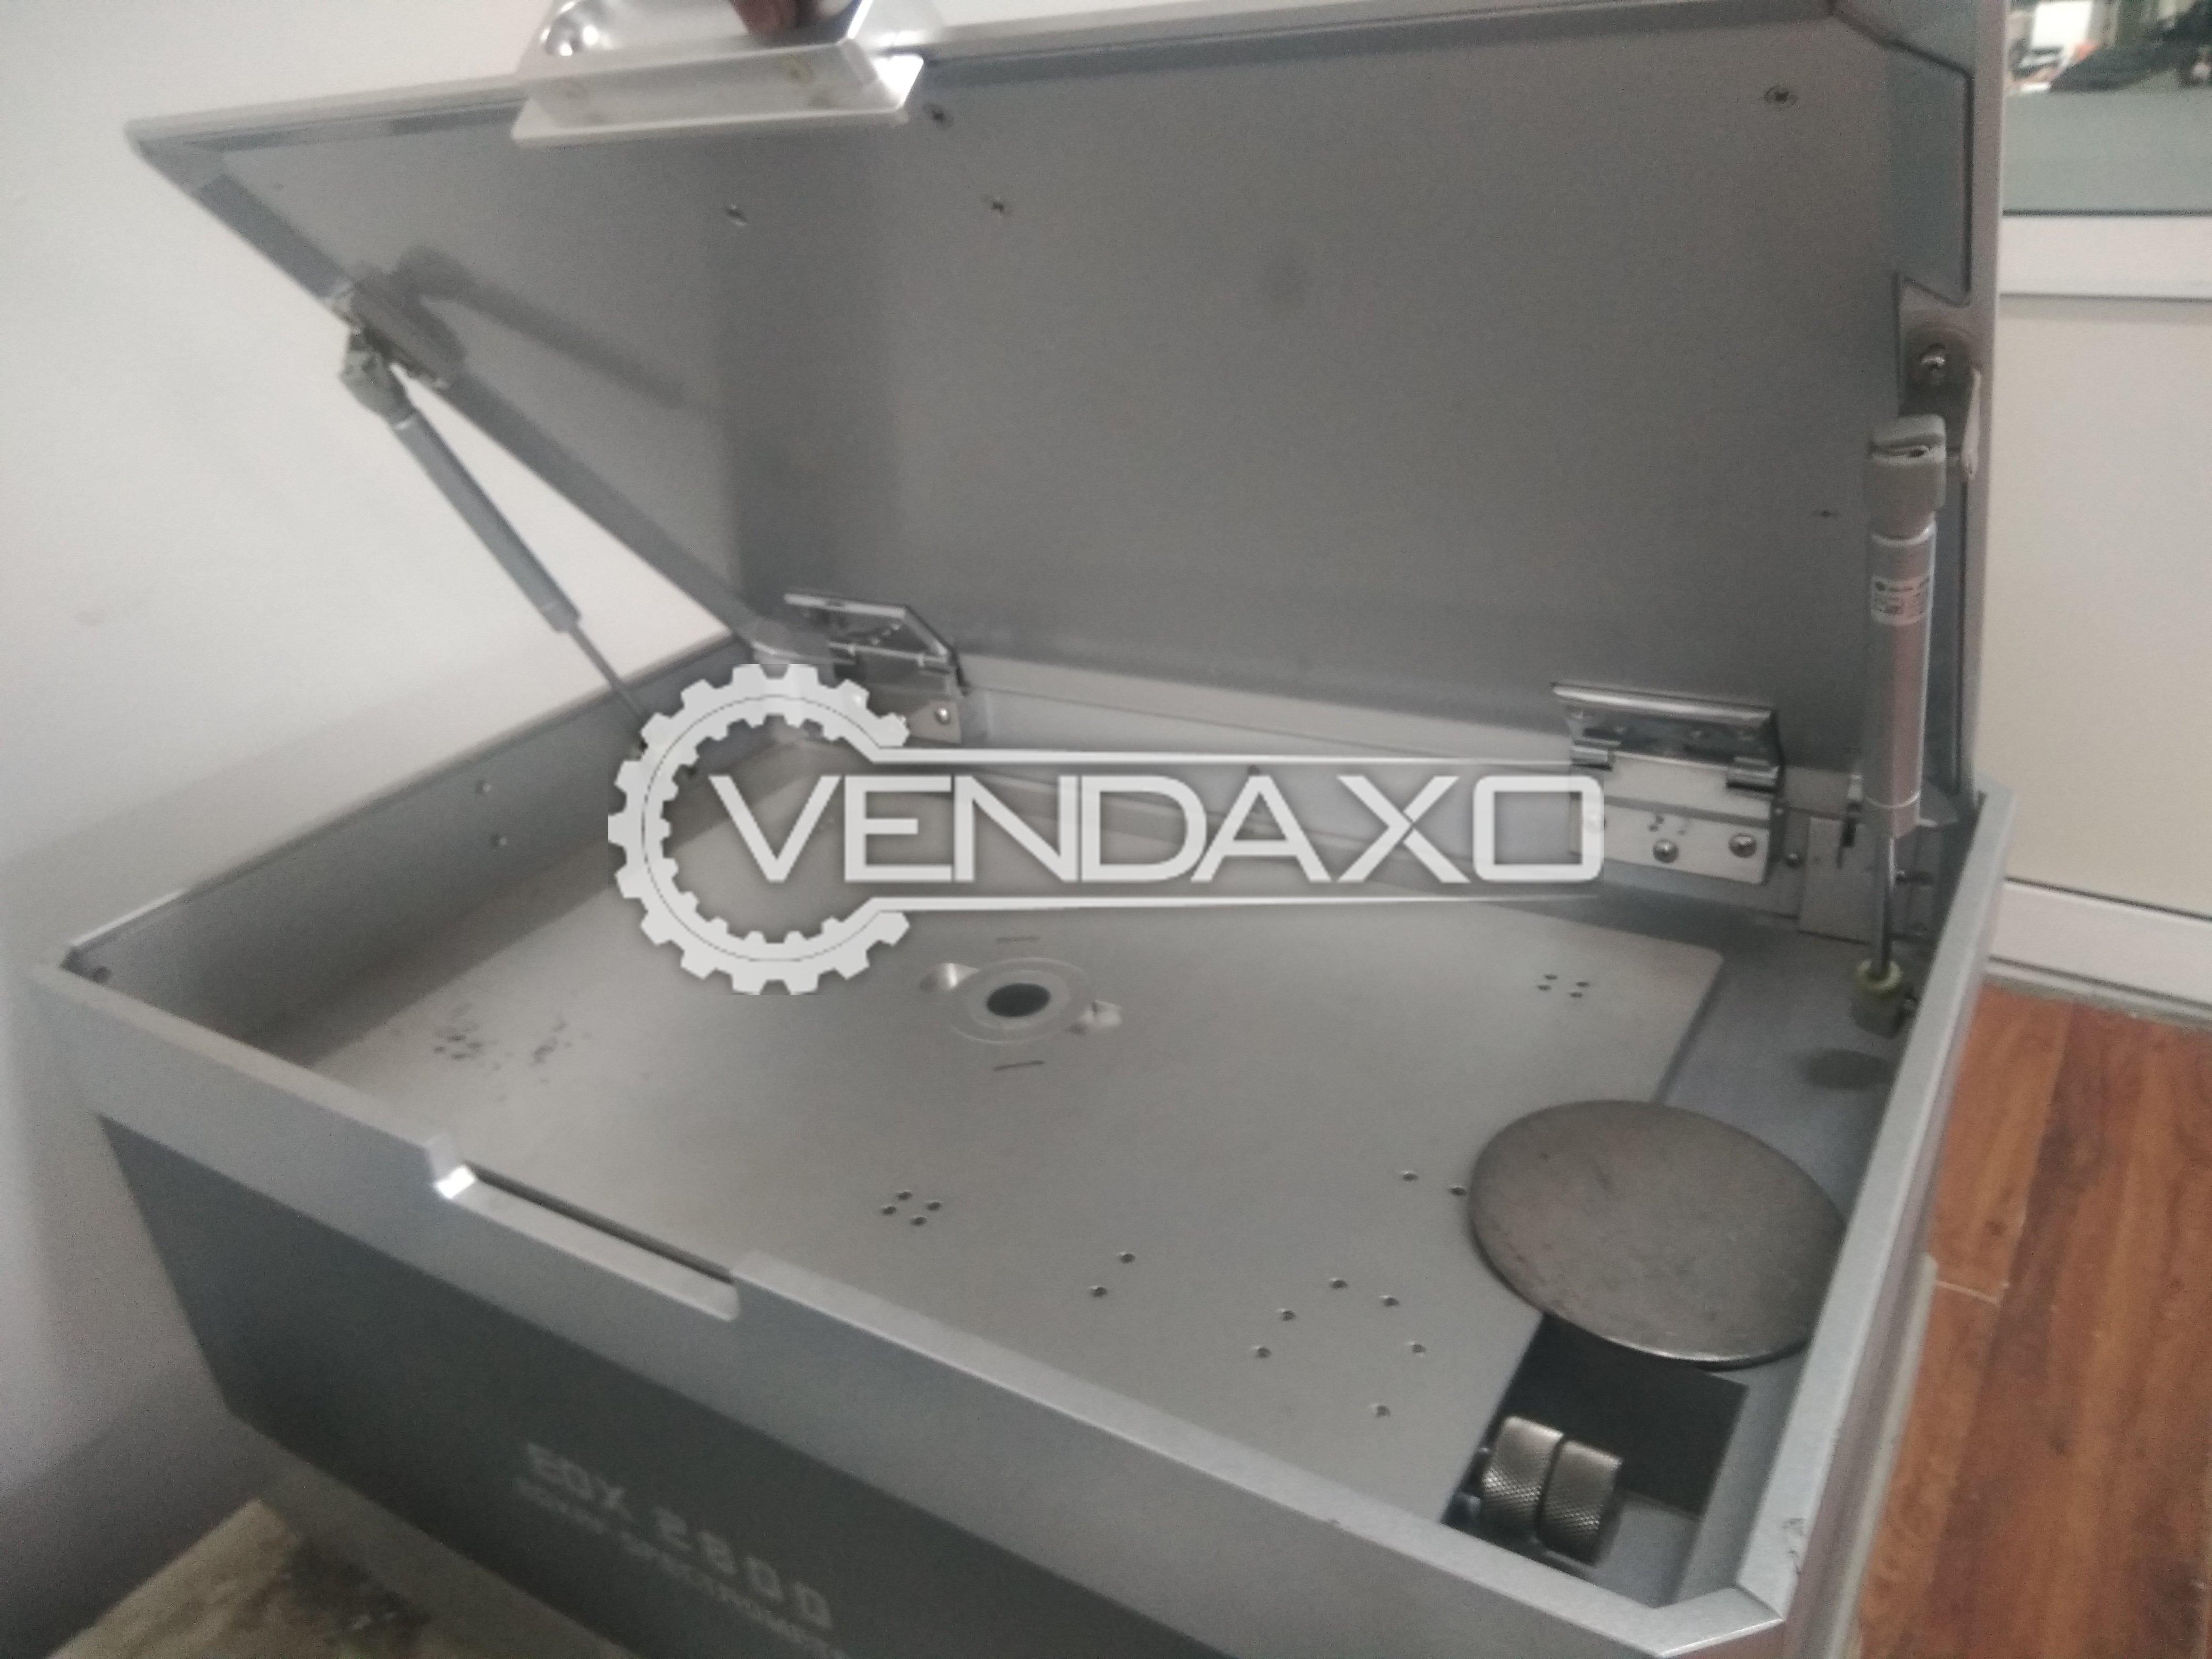 Redlands EDX 2800 XRF Spectrum Analyser Machine - 760 x 550 x 450 mm